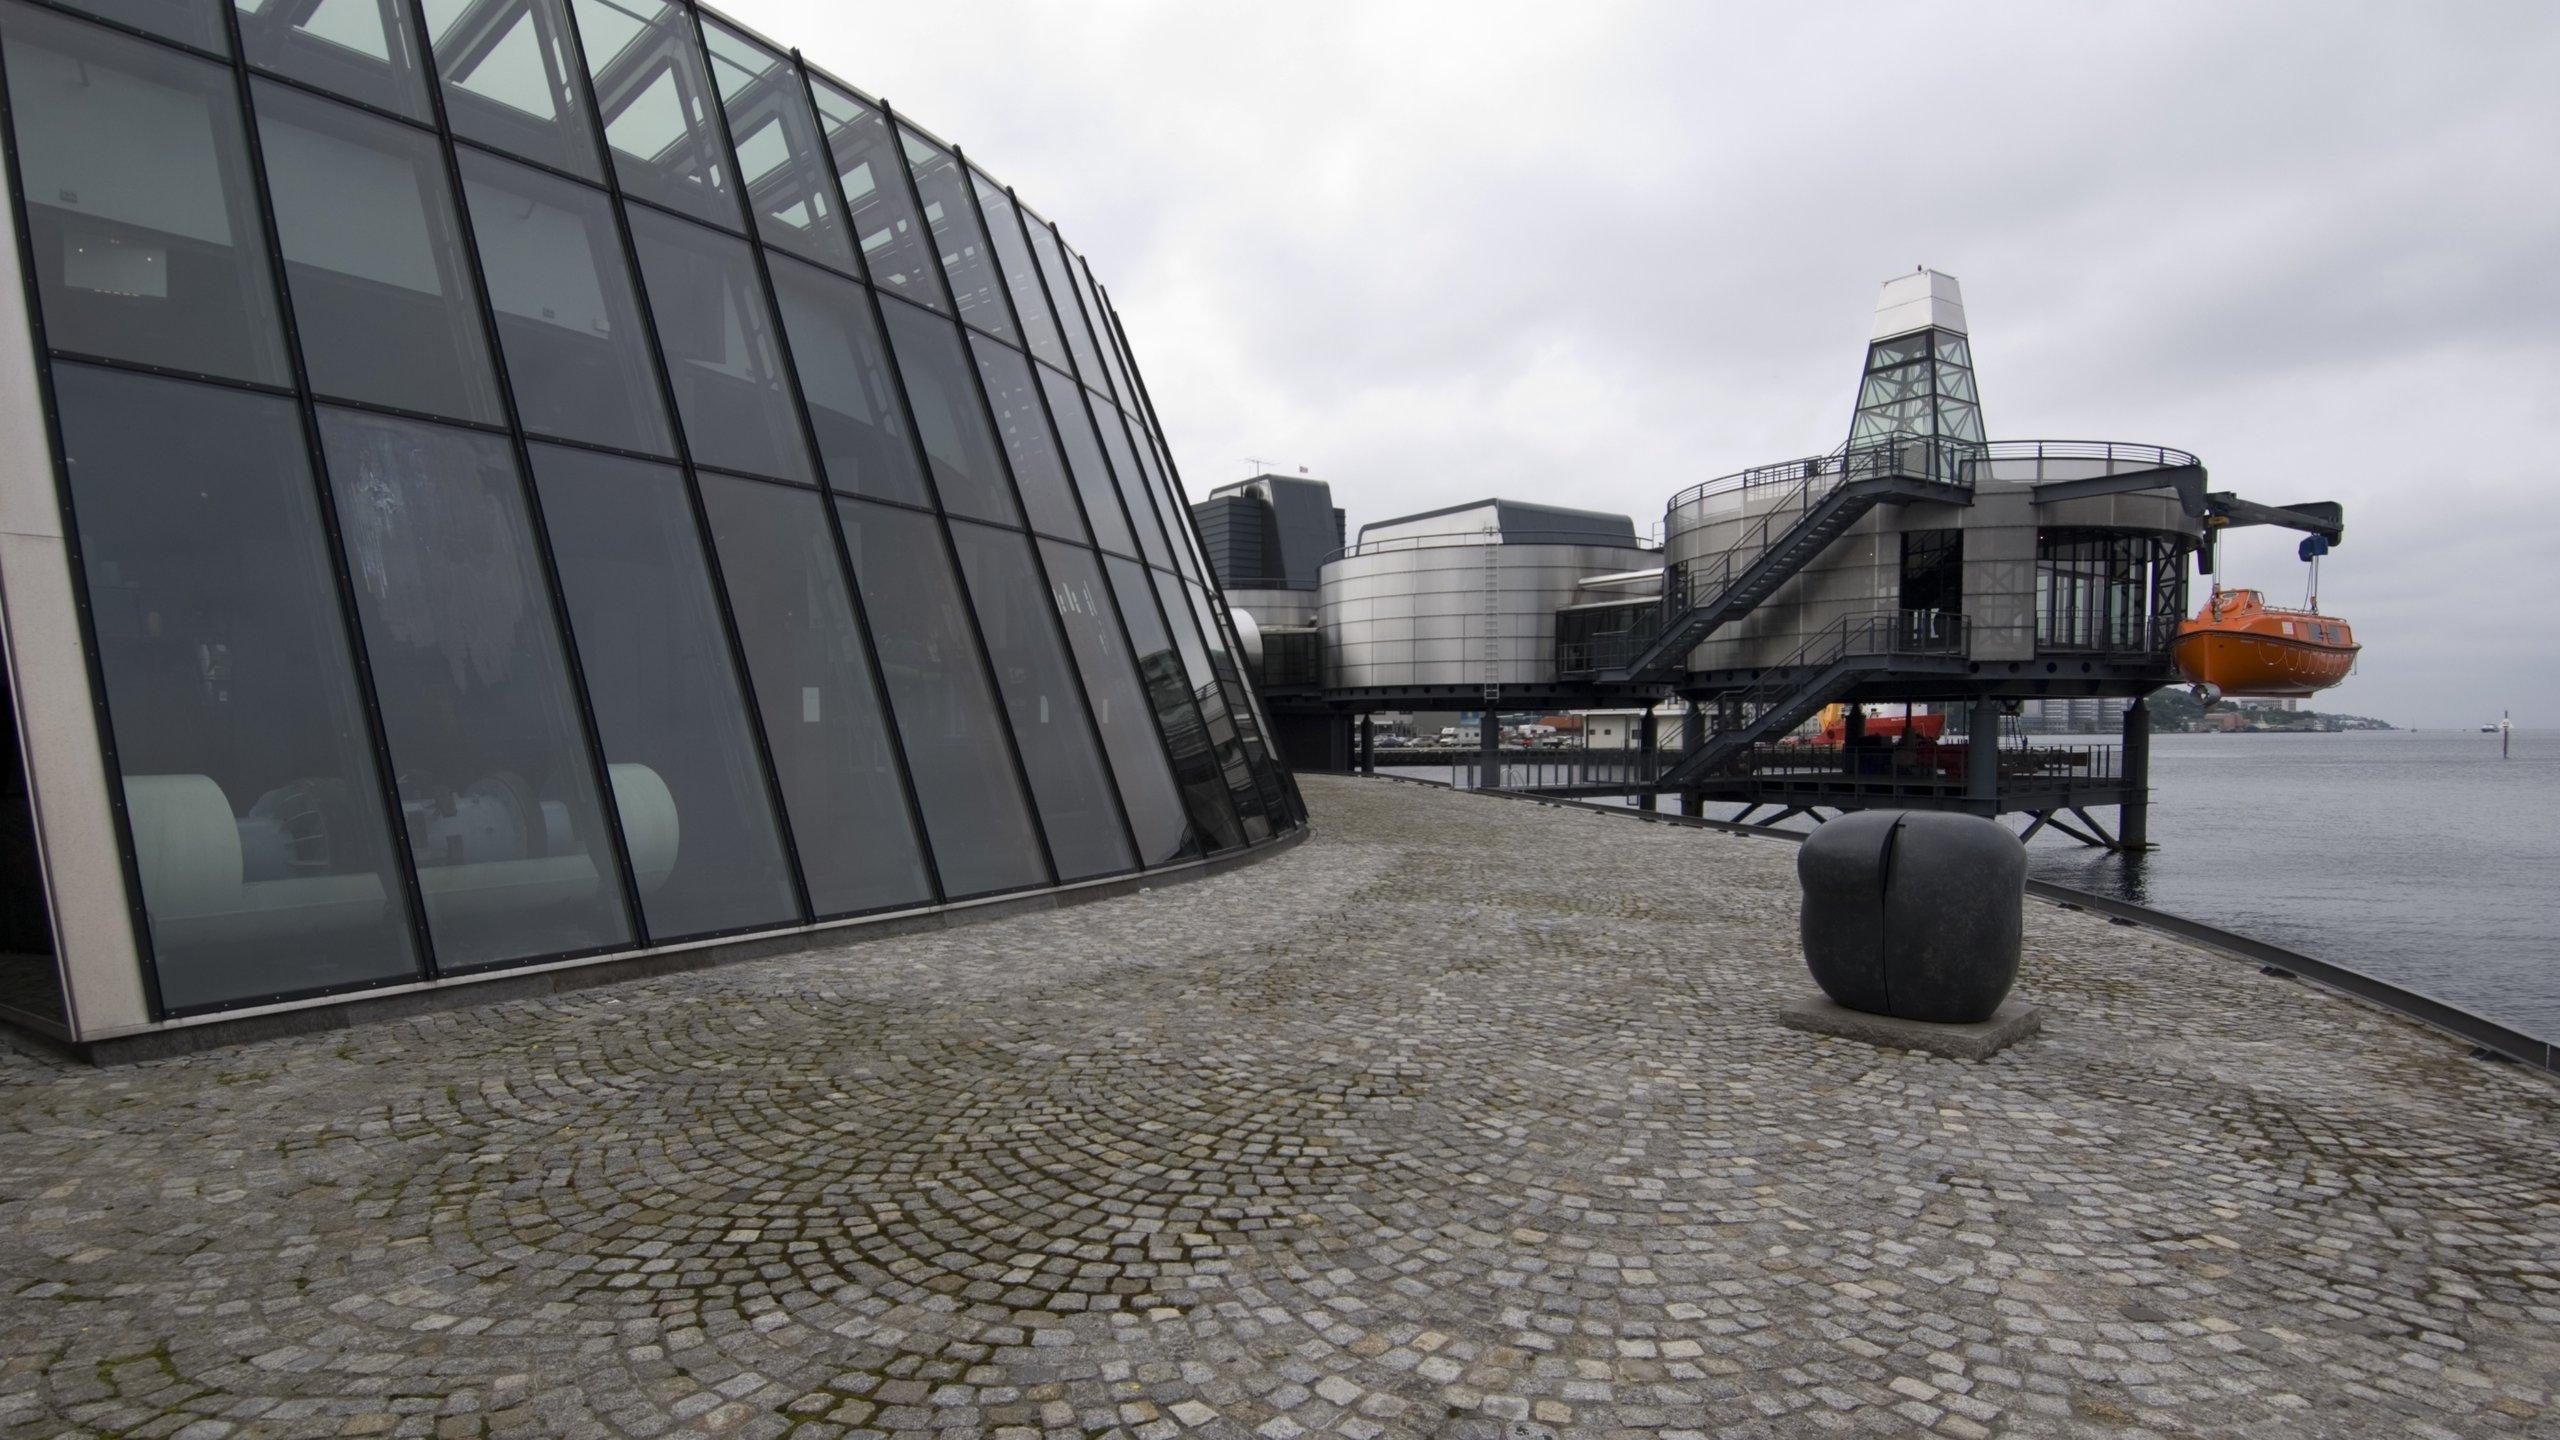 Norwegian Petroleum Museum, Stavanger, Rogaland, Norway